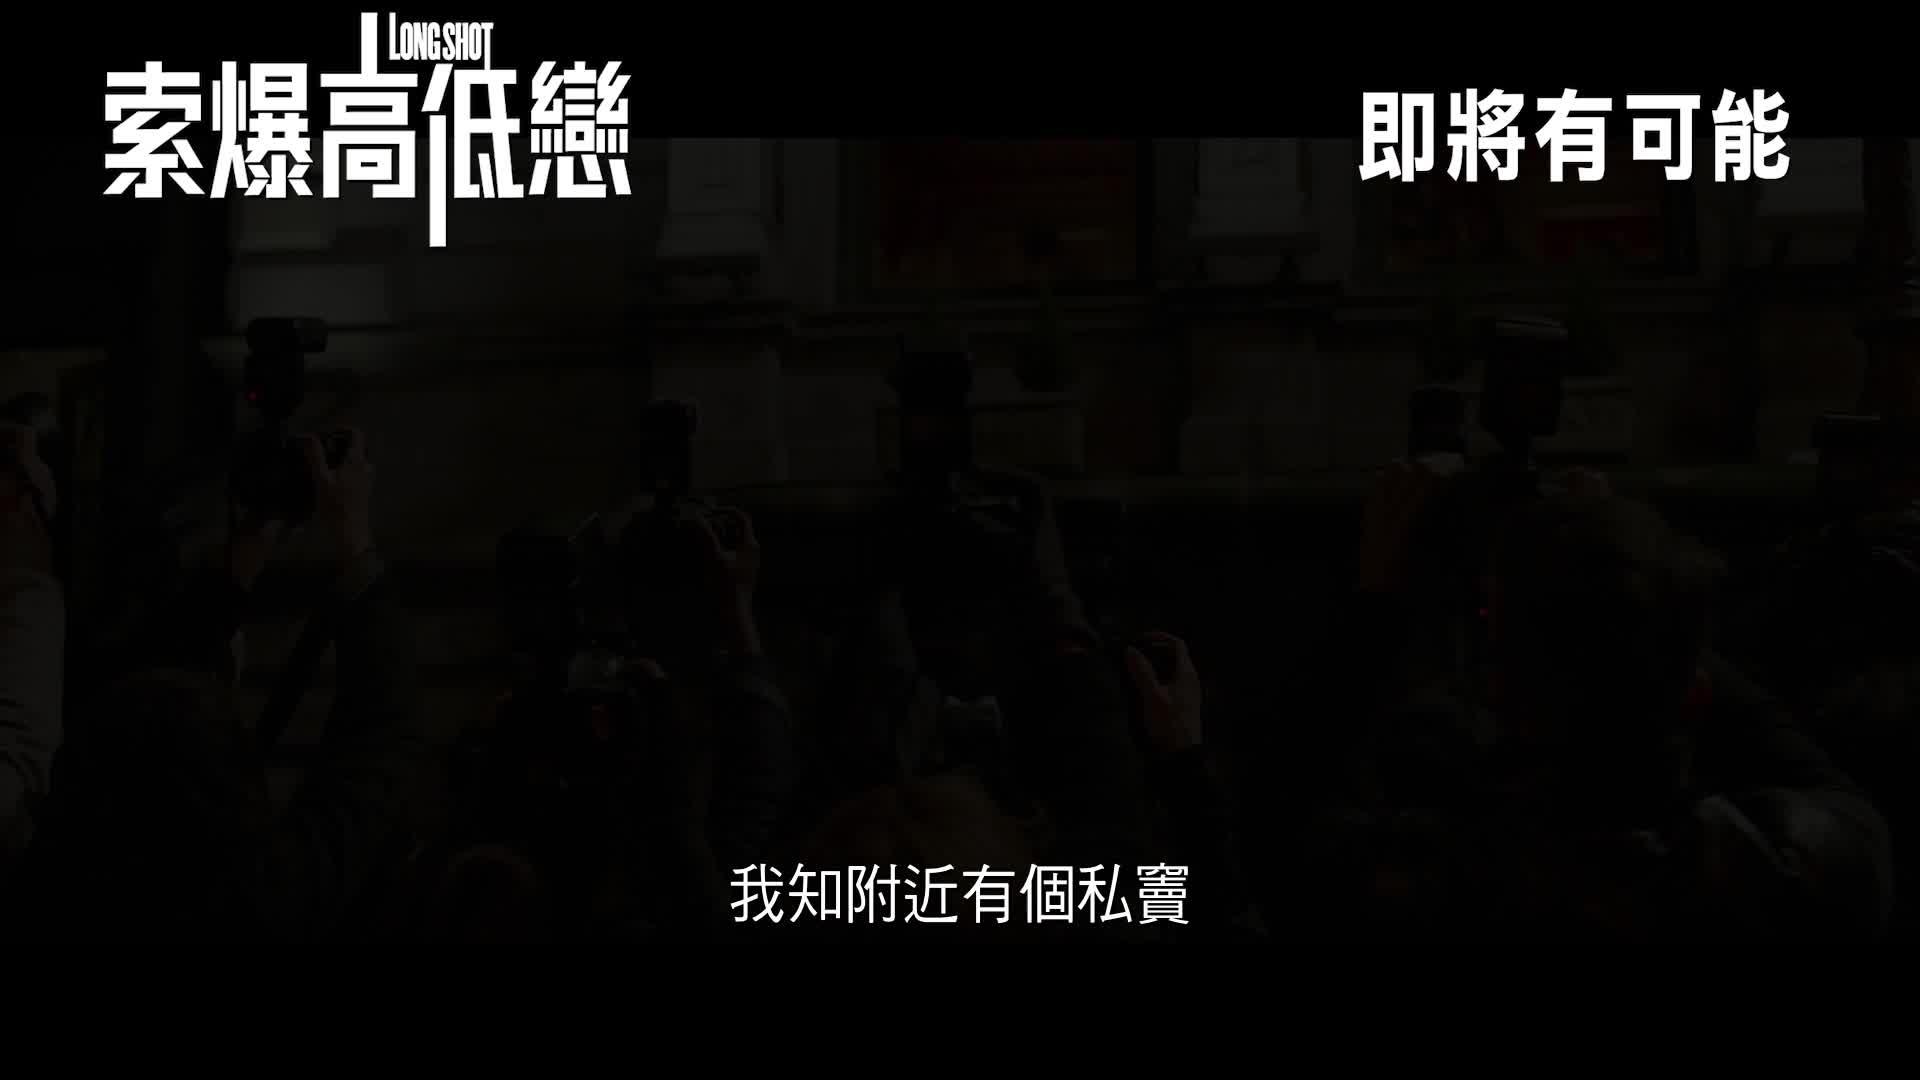 《索爆高低戀》電影預告